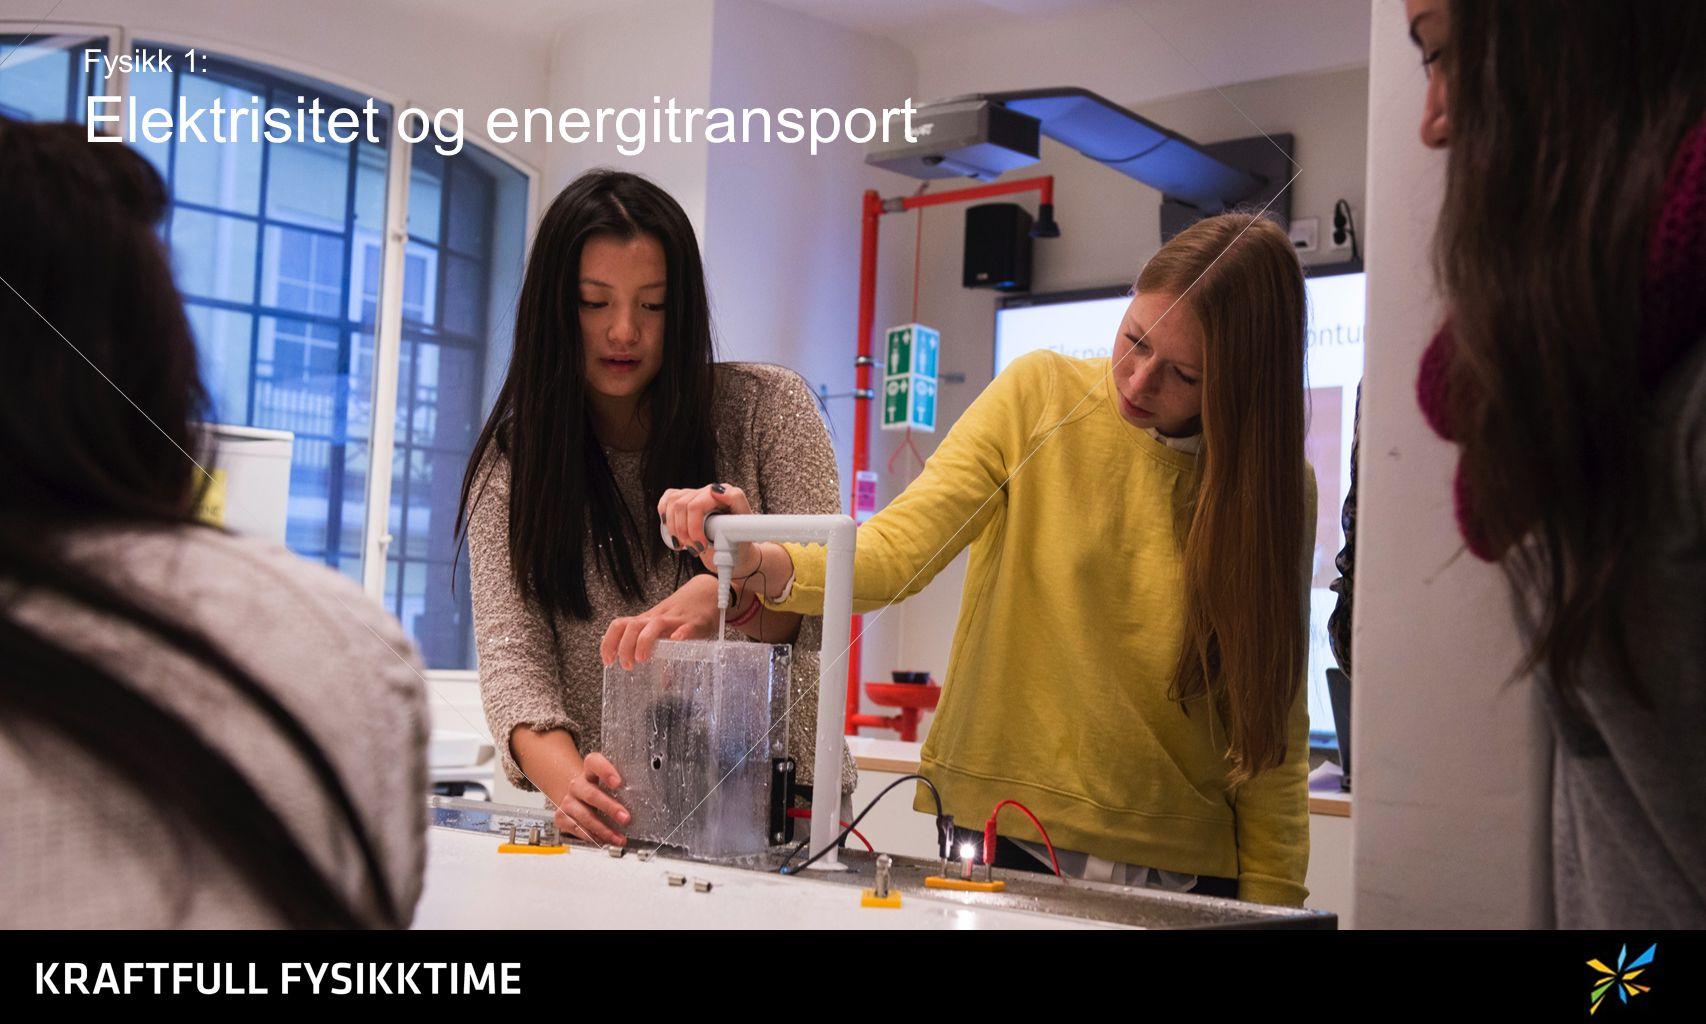 Fysikk 1: Elektrisitet og energitransport